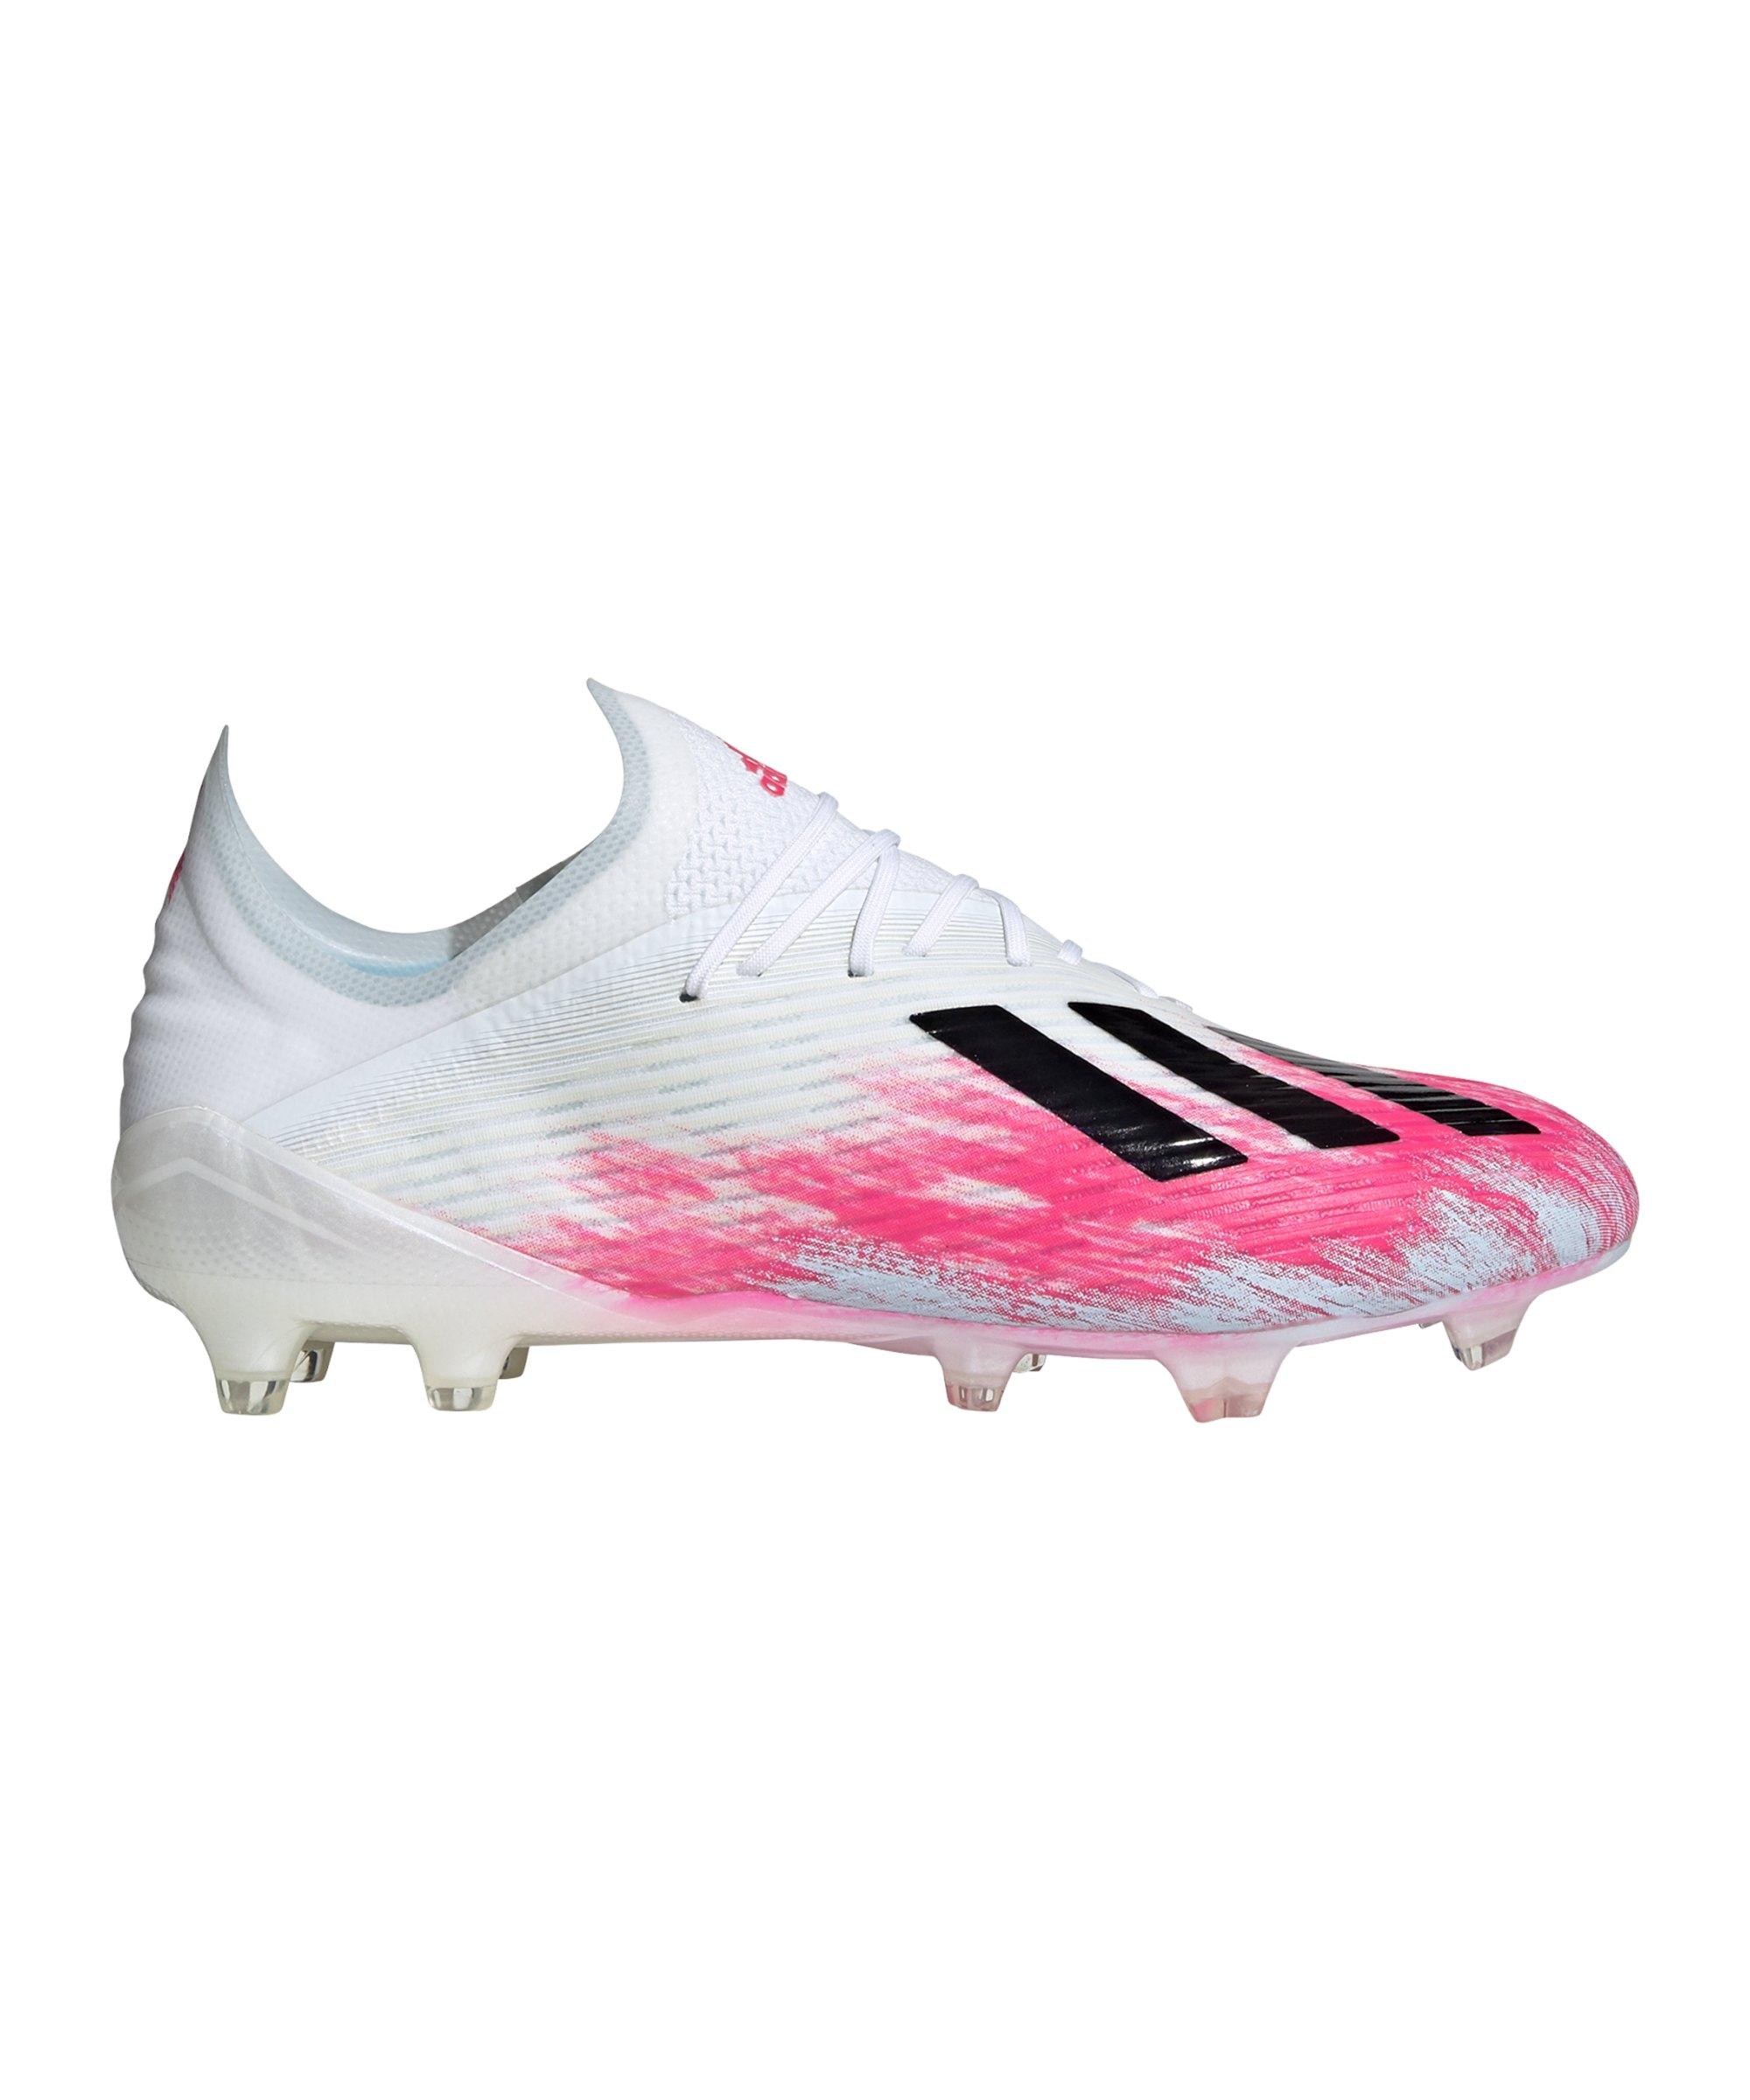 adidas X Uniforia 19.1 FG Weiss Pink - weiss